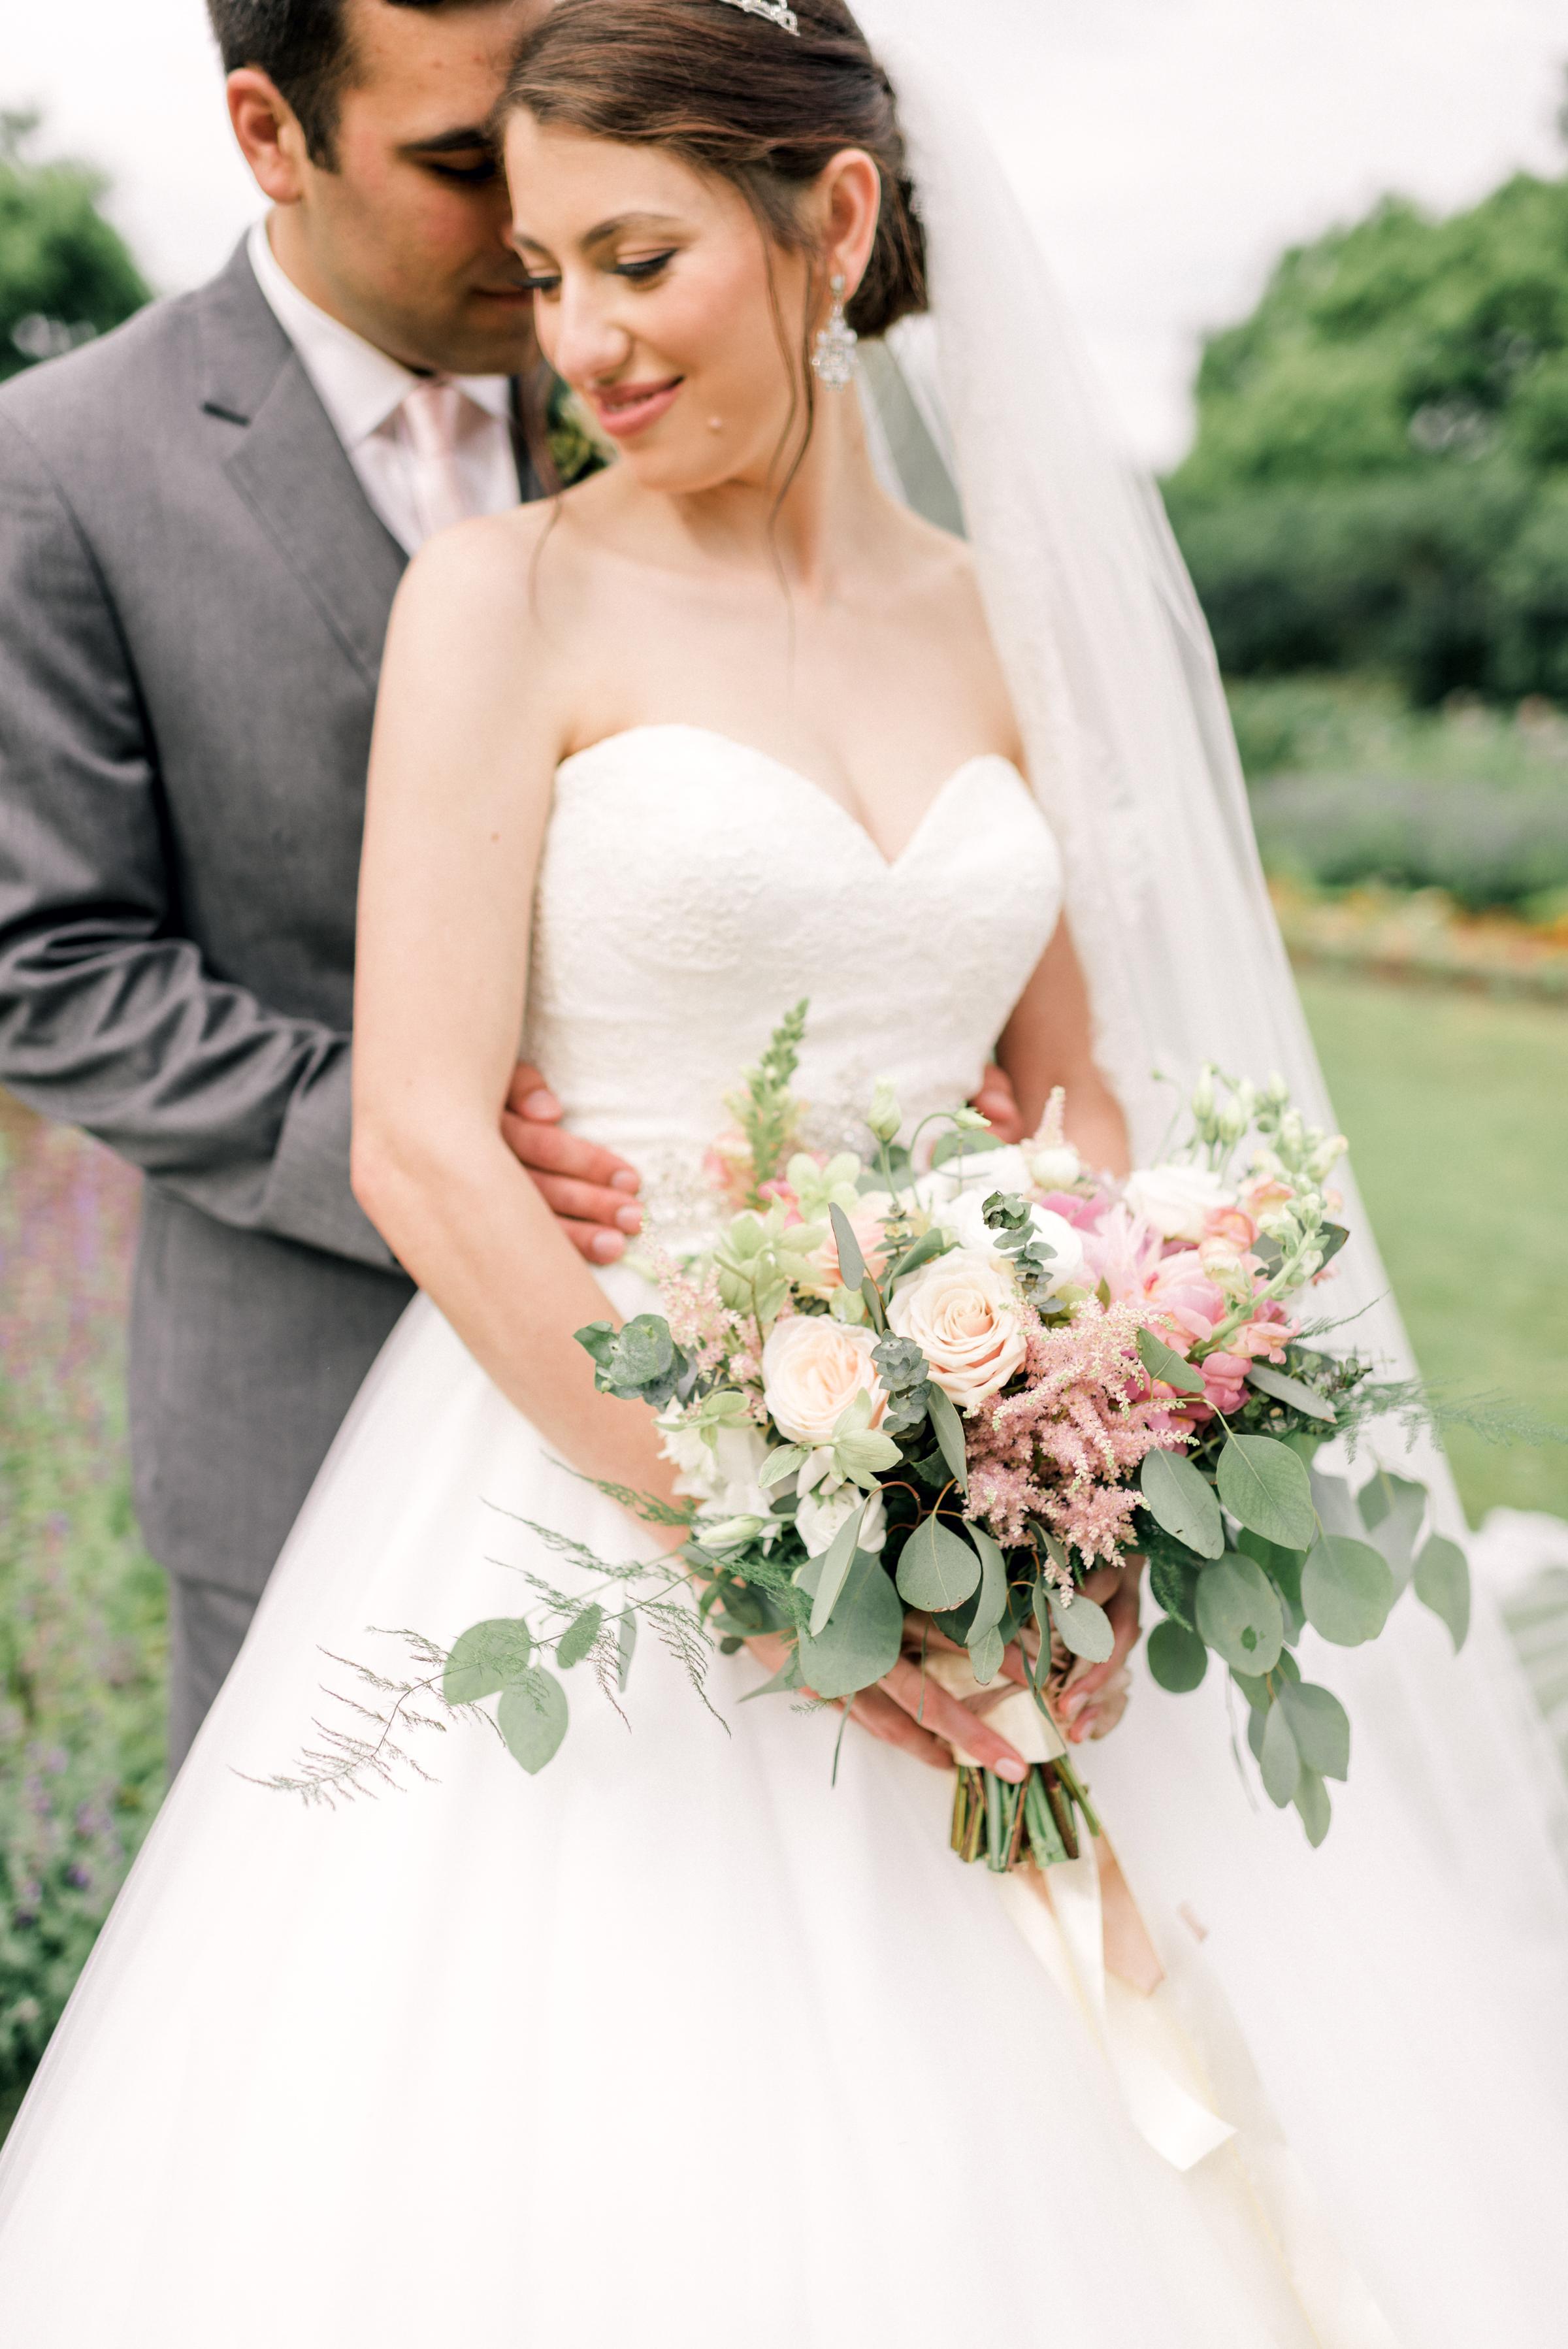 pittsburgh-wedding-photographer-hartwood-acres-0043.jpg